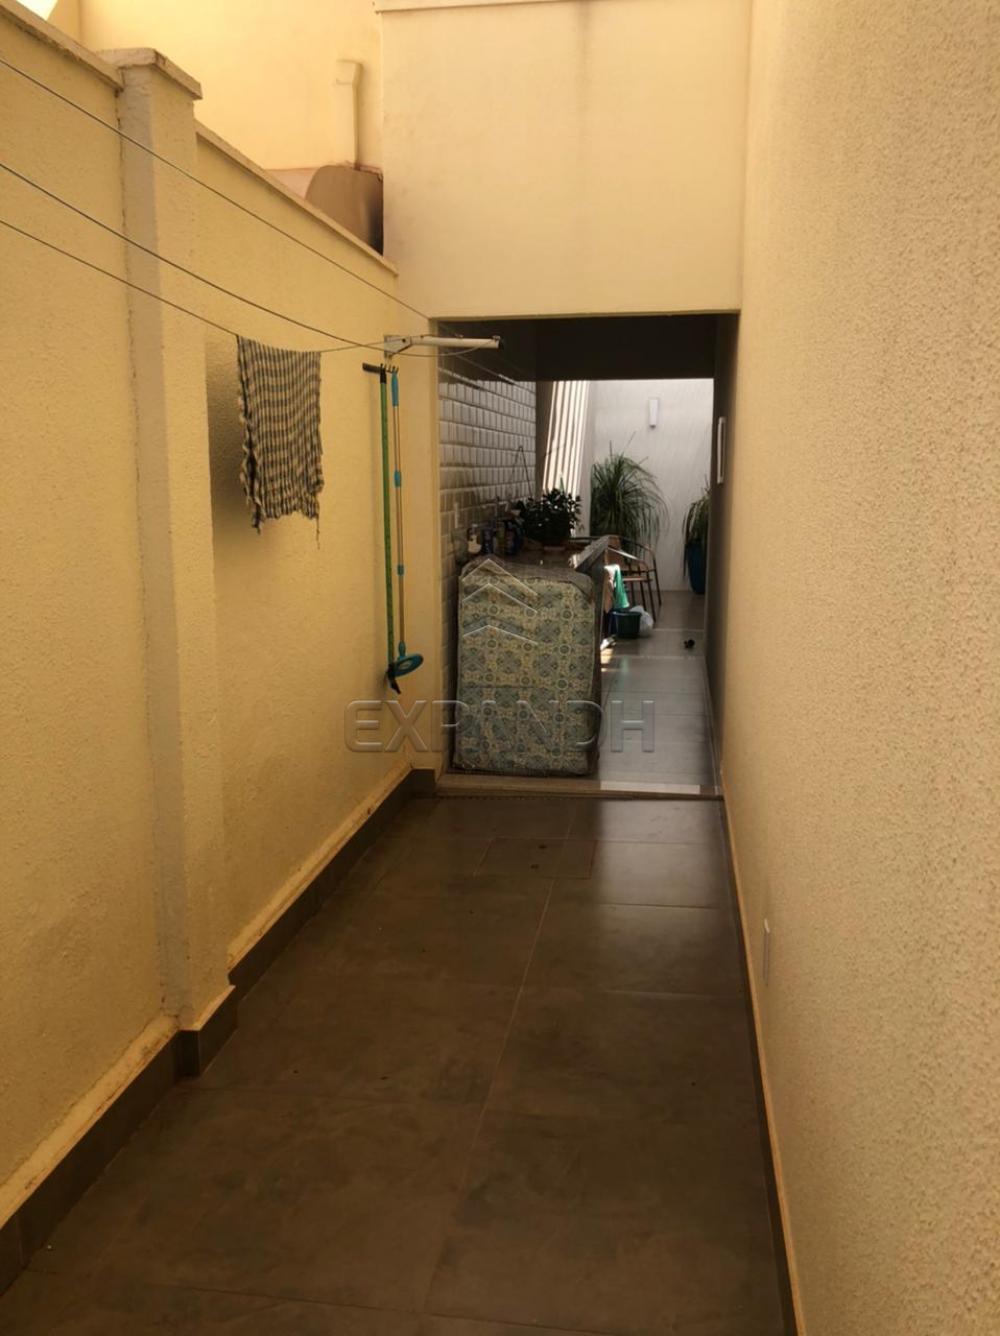 Comprar Casas / Condomínio em Sertãozinho R$ 530.000,00 - Foto 13